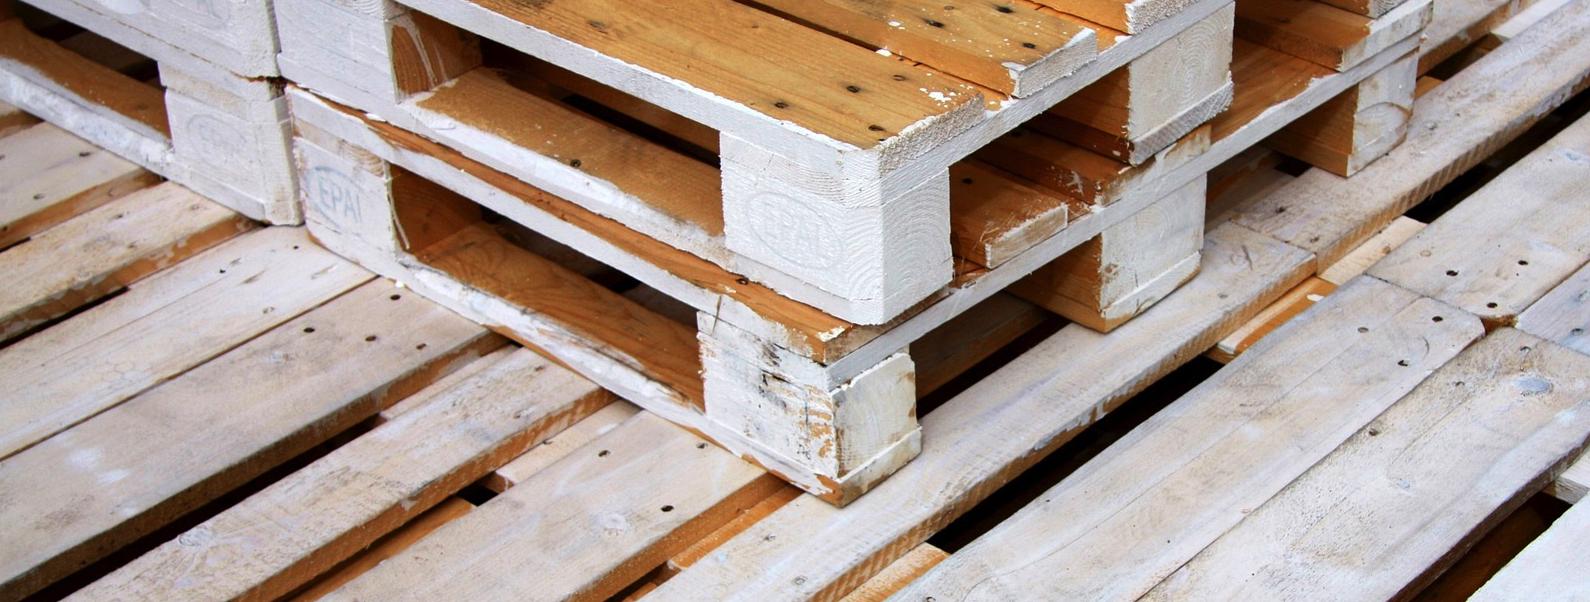 Curiosidades sobre los palets de madera maderea for Madera para palets